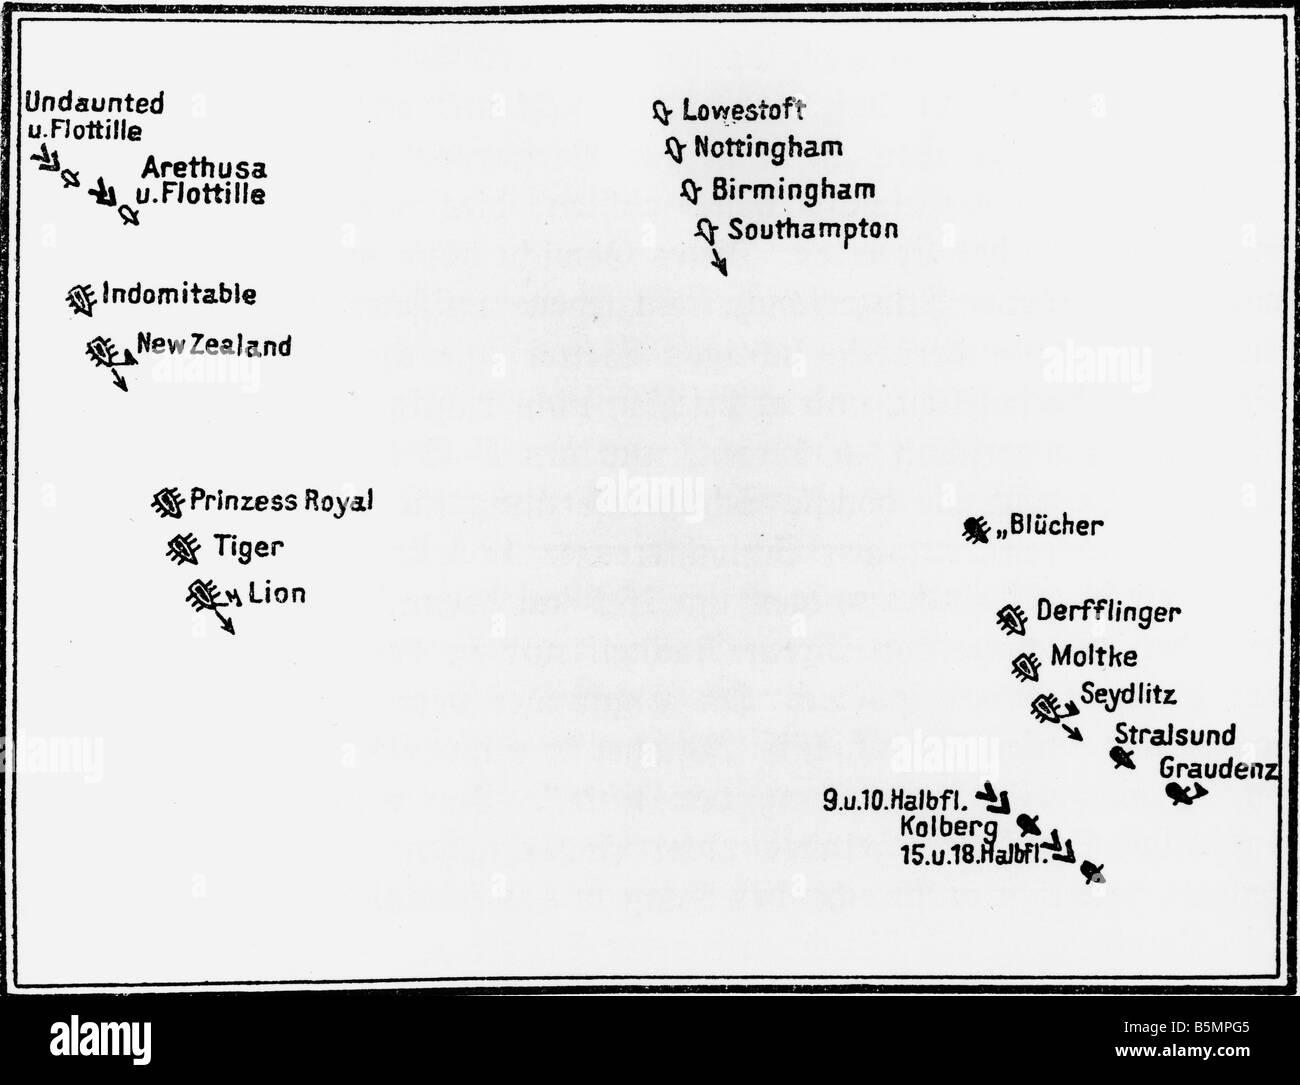 9 1915 1 24 F1 Naval battle Helgoland 1915 Skizze Weltkrieg 1914-18 1 Seekrieg schweren Kampf zwischen deutschen und britischen hohen Meer Stockfoto